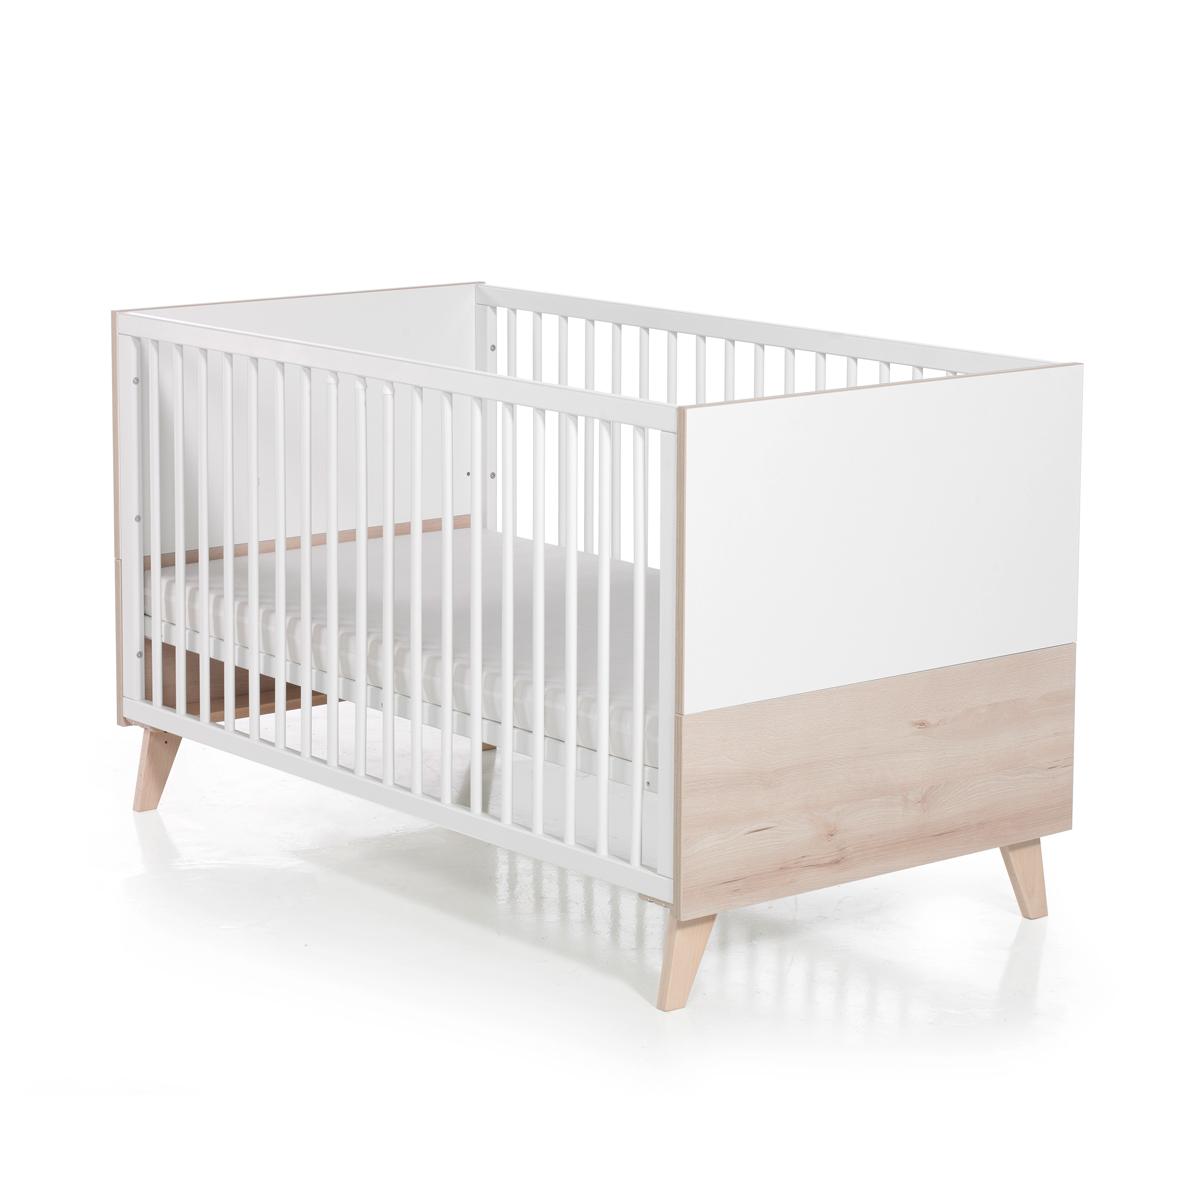 Geuther lit 70 x 140 cm collection mette lit b b - L armoire de bebe ...